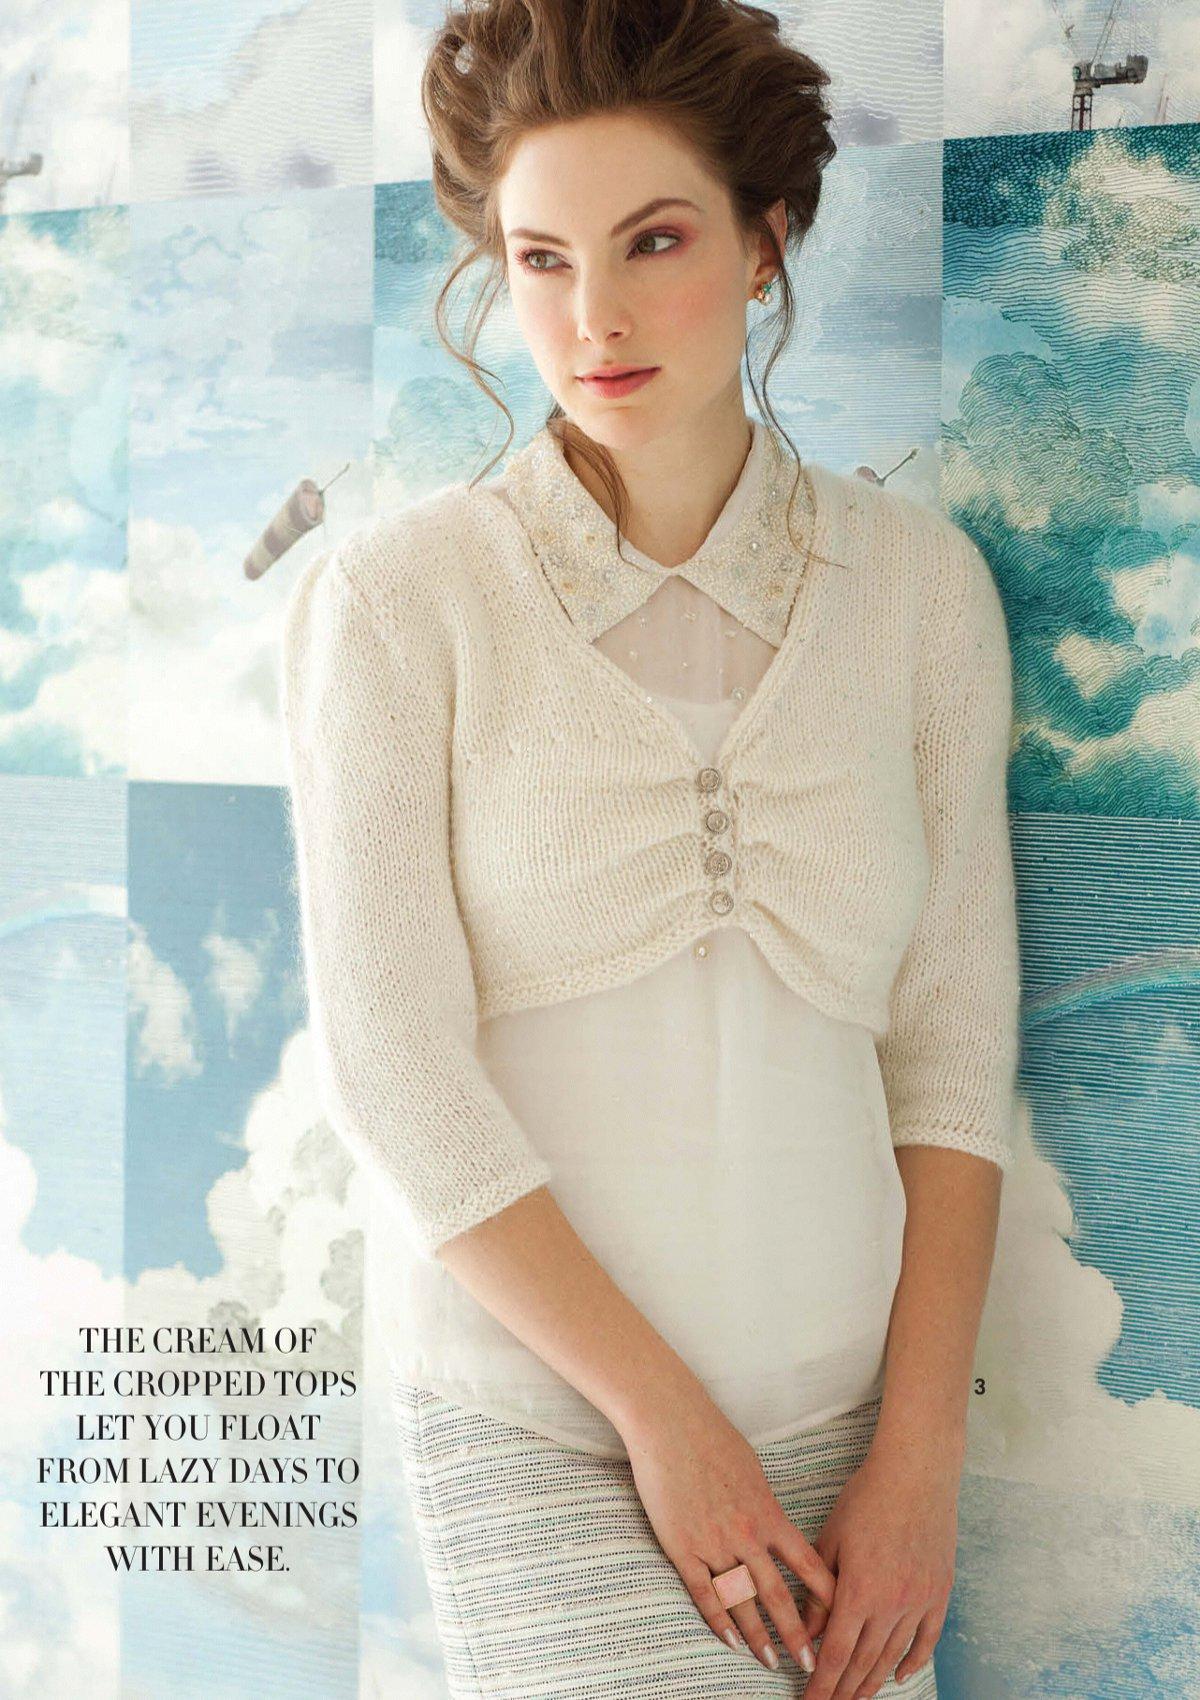 вязание болеро Ruched Bodice дизайн 3 Vogue Early Fall 2013 вяжиру